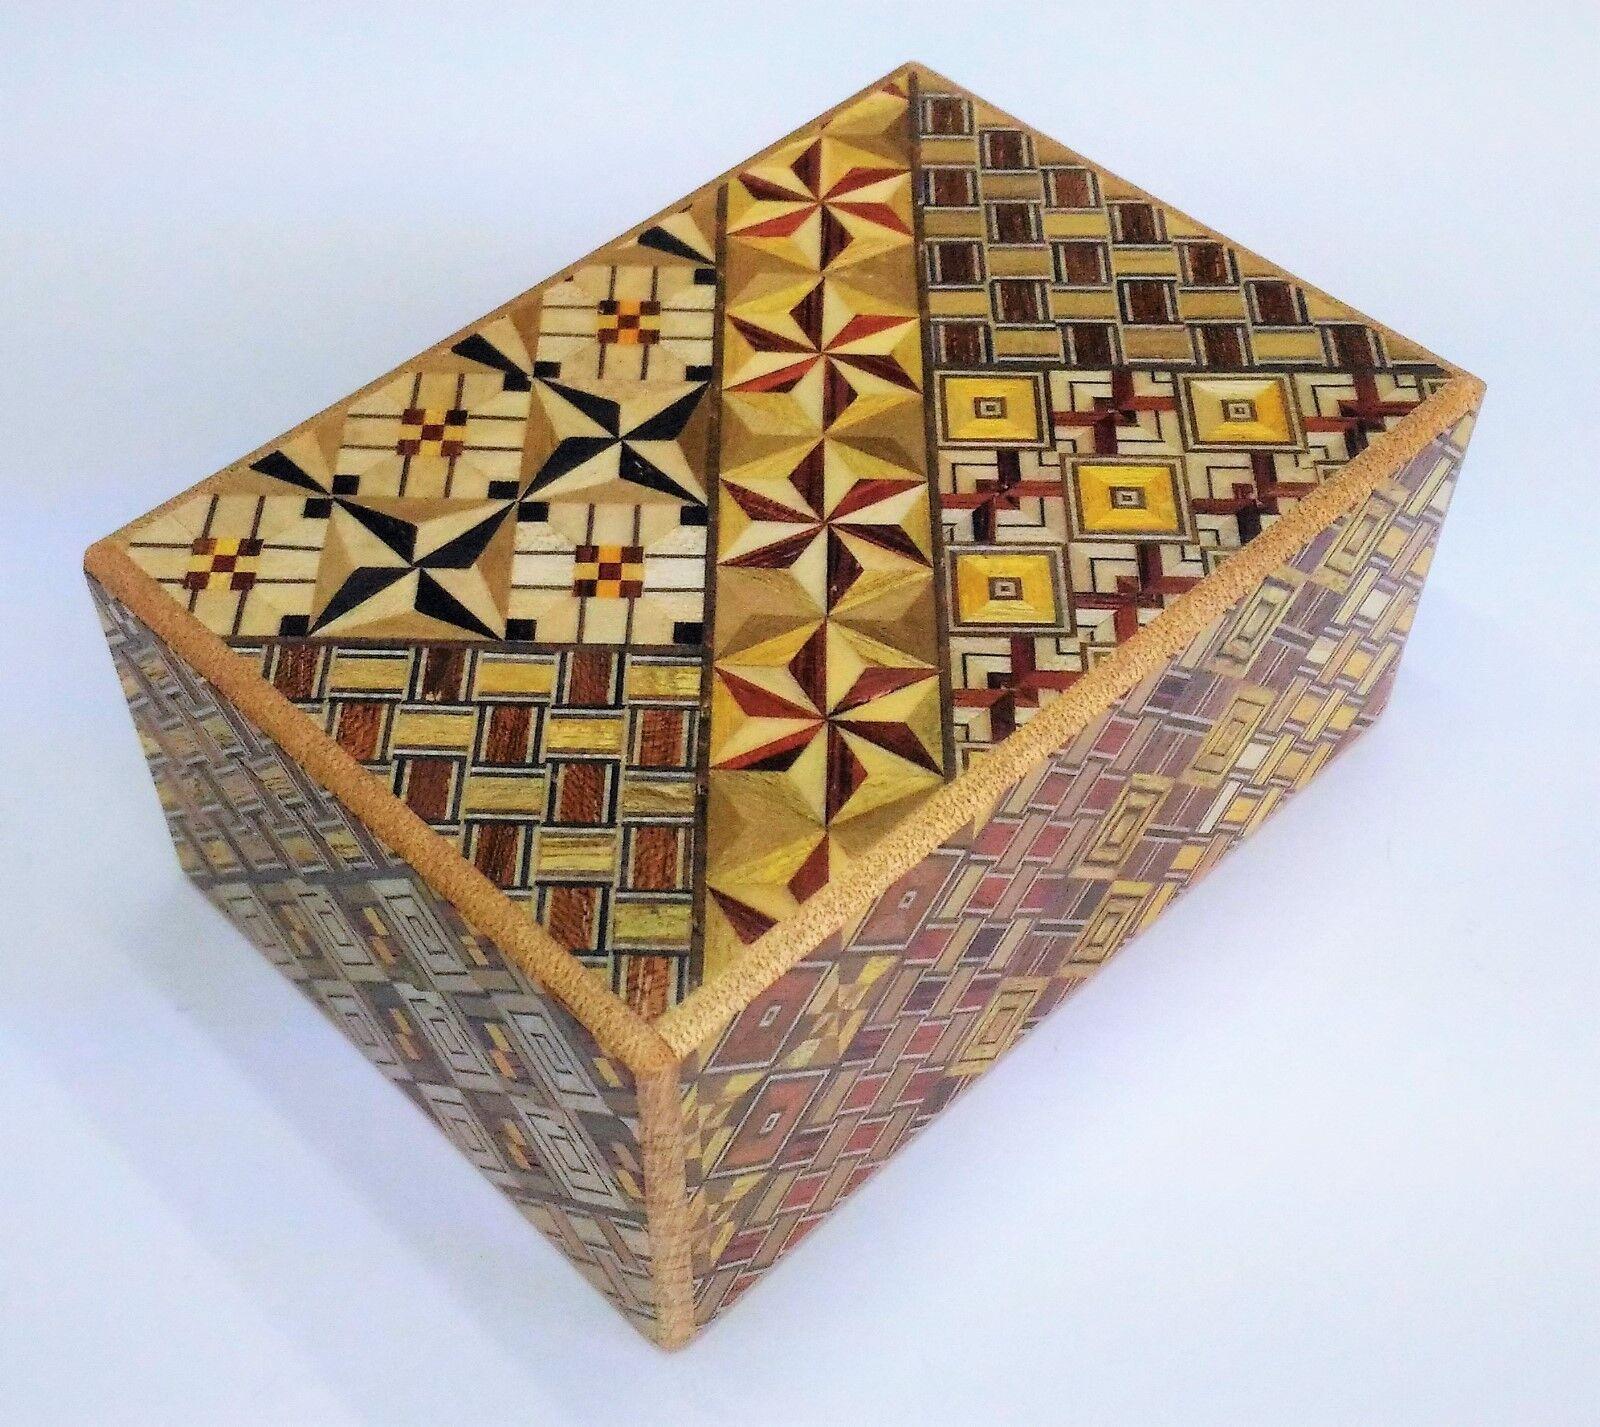 14 Mal 4 sun Japanisch HolzMosaik puzzlebox handgefertigt Hergestellt in Japan